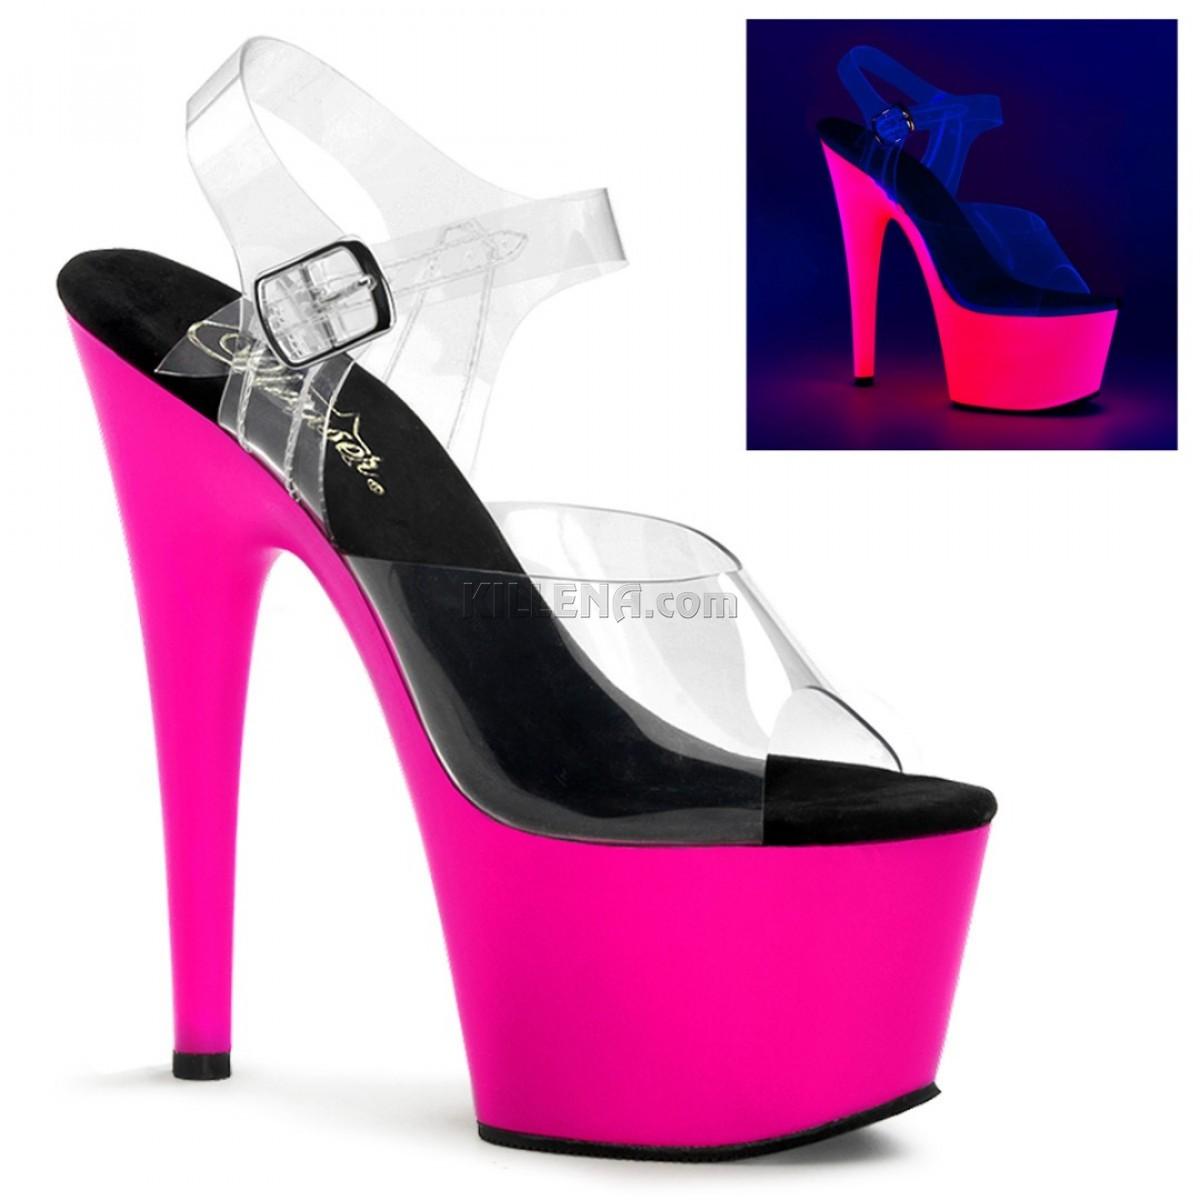 Светящиеся ярко-розовые в ультрафиолете босоножки Pleaser